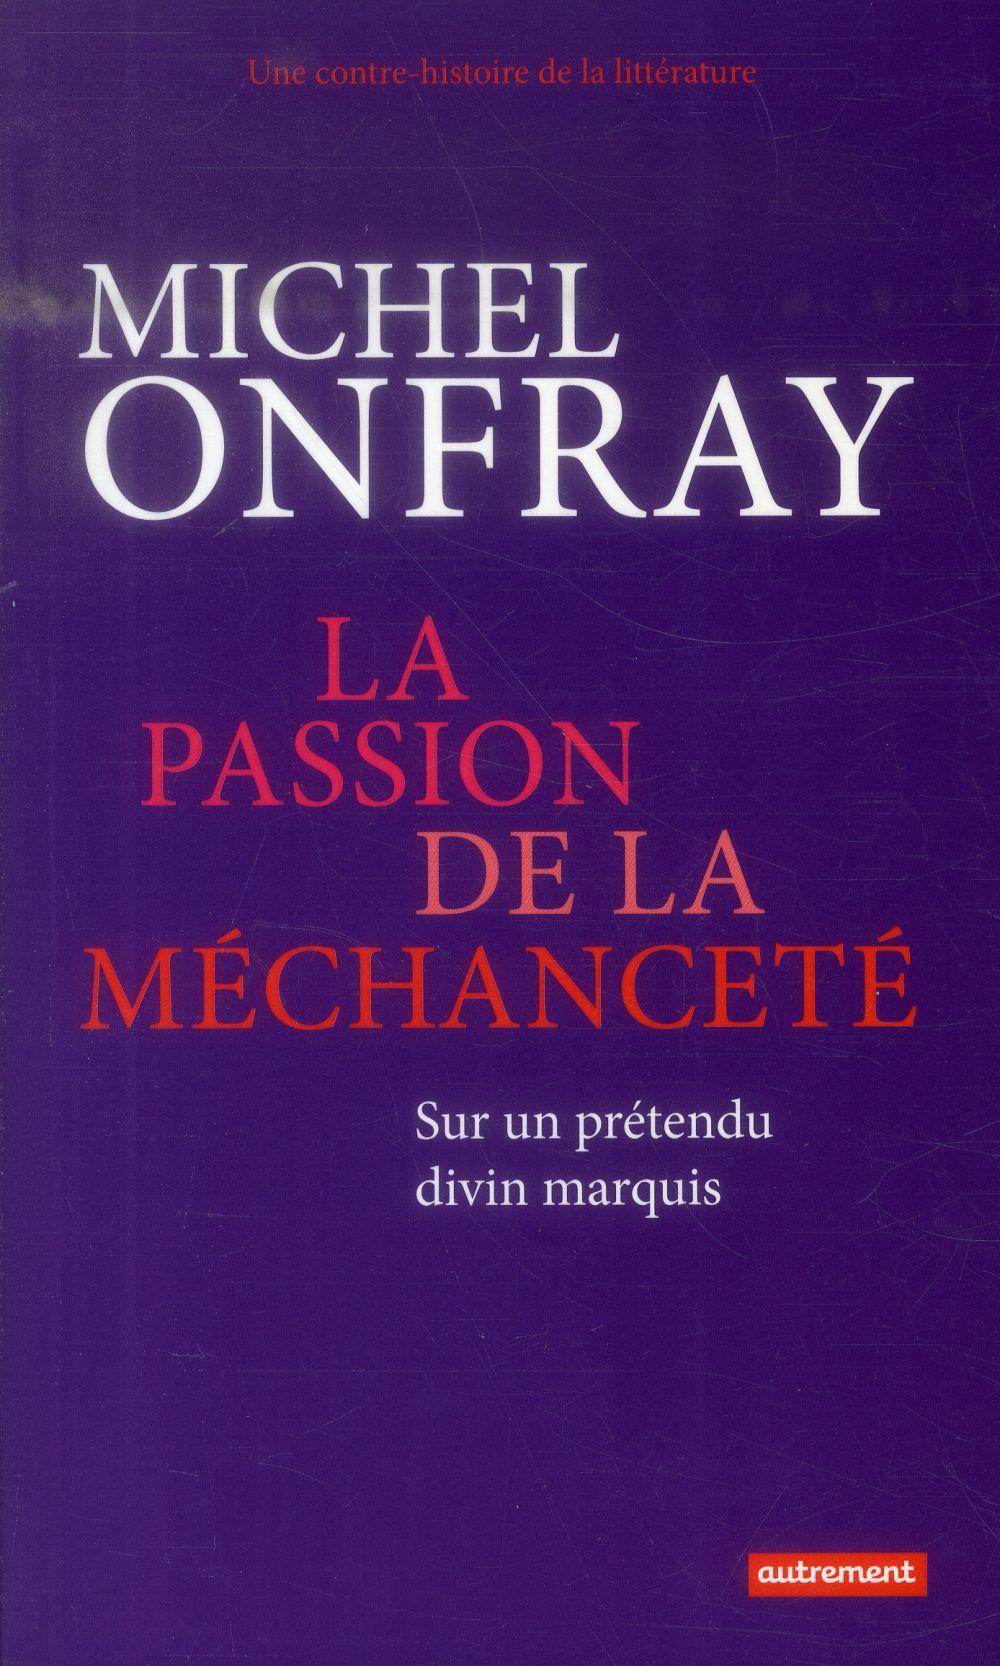 Une contre-histoire de la littérature La passion de la méchanceté